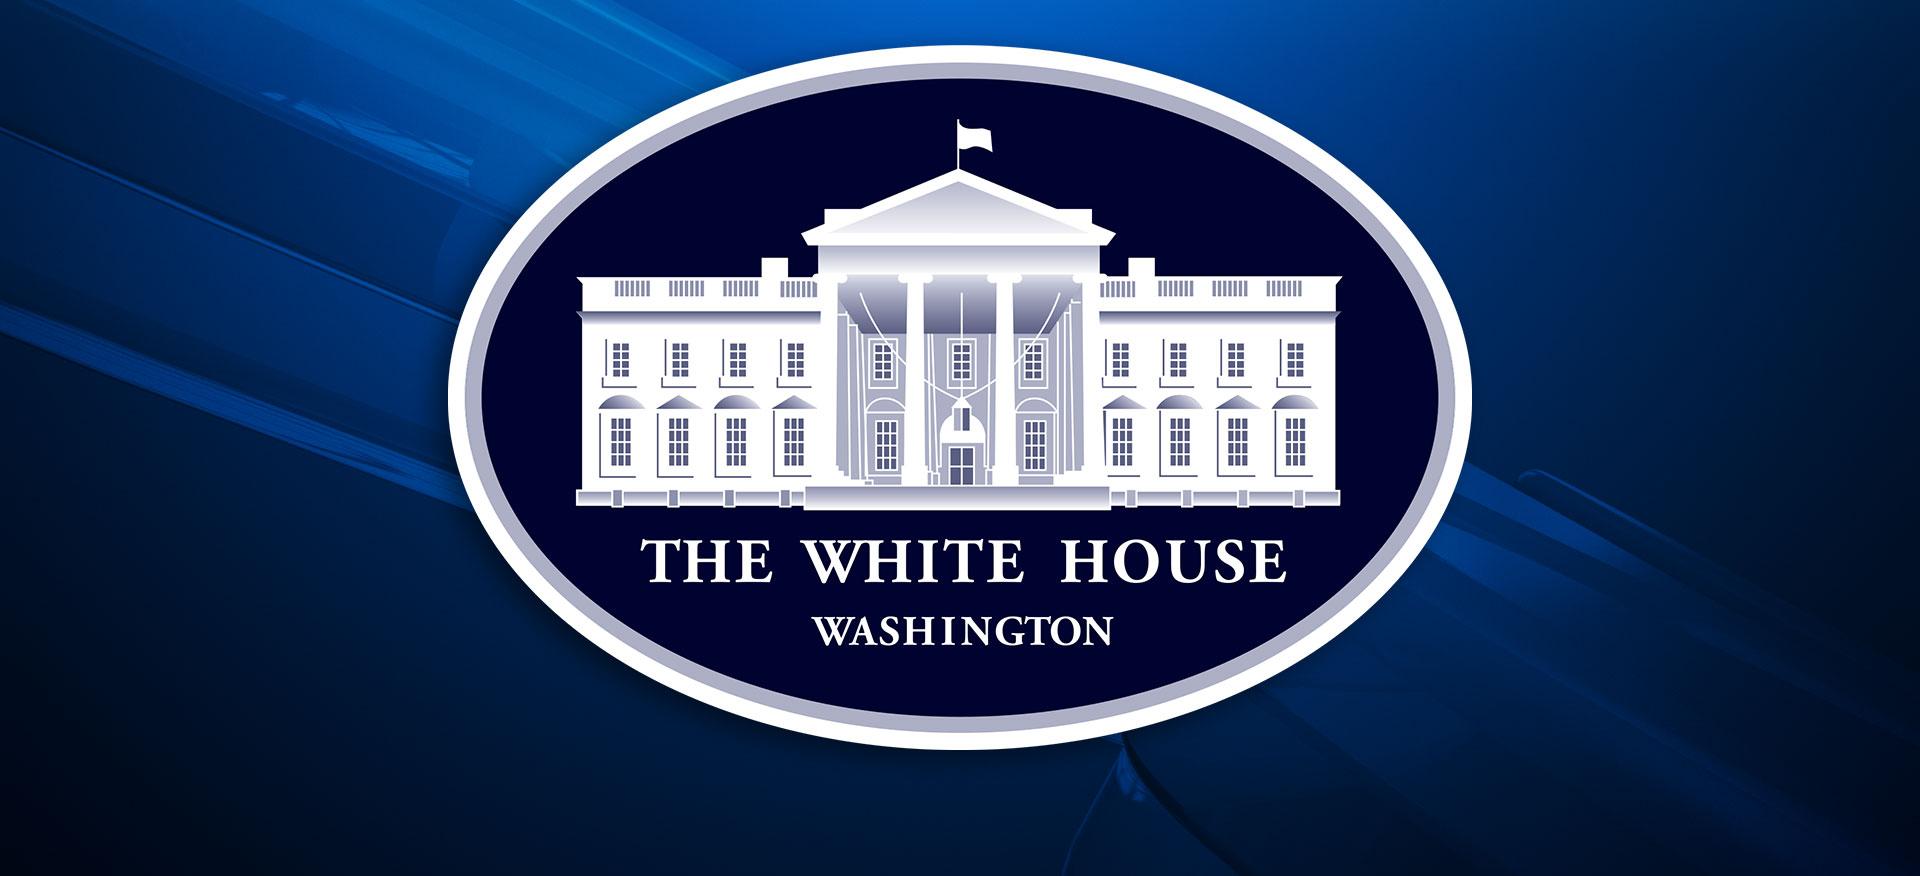 Secret Service Says Man Shoots Himself Outside White House